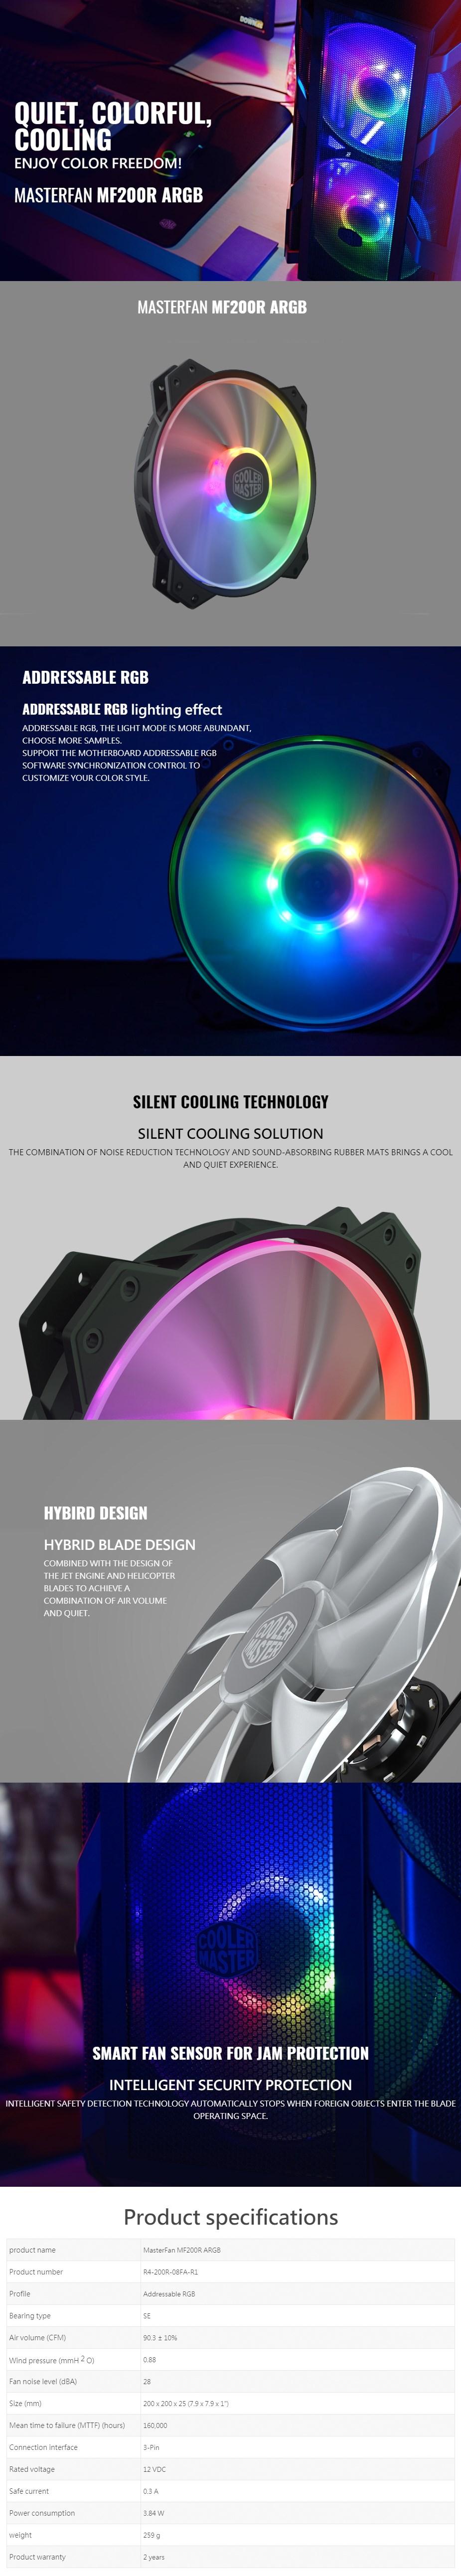 Cooler Master MasterFan MF200R ARGB 200mm Case Fan - Desktop Overview 1